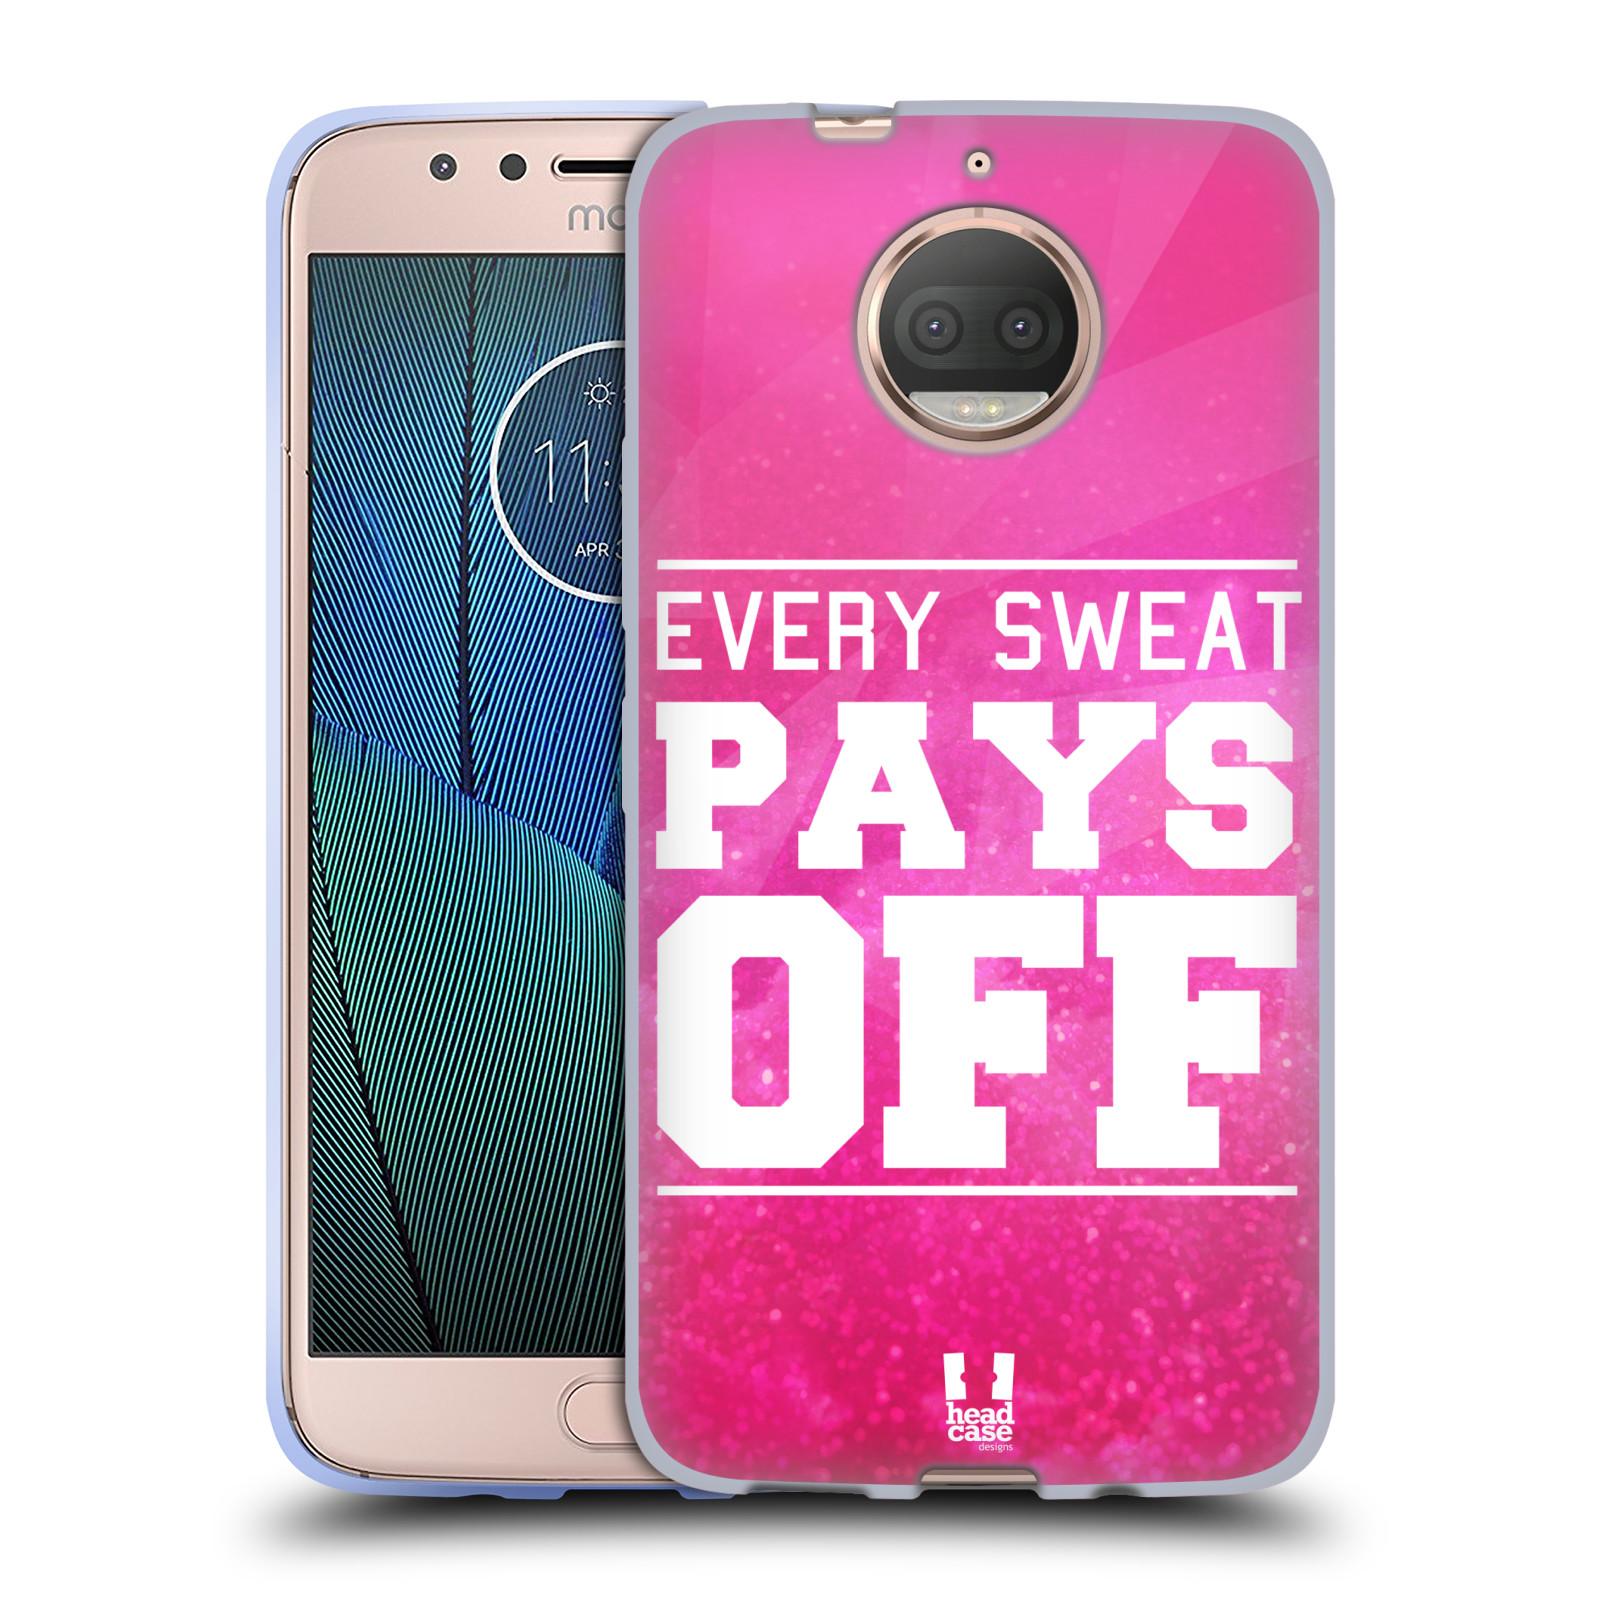 HEAD CASE silikonový obal na mobil Lenovo Moto G5s PLUS Sportovní nápisy růžová barva POT a DŘINA